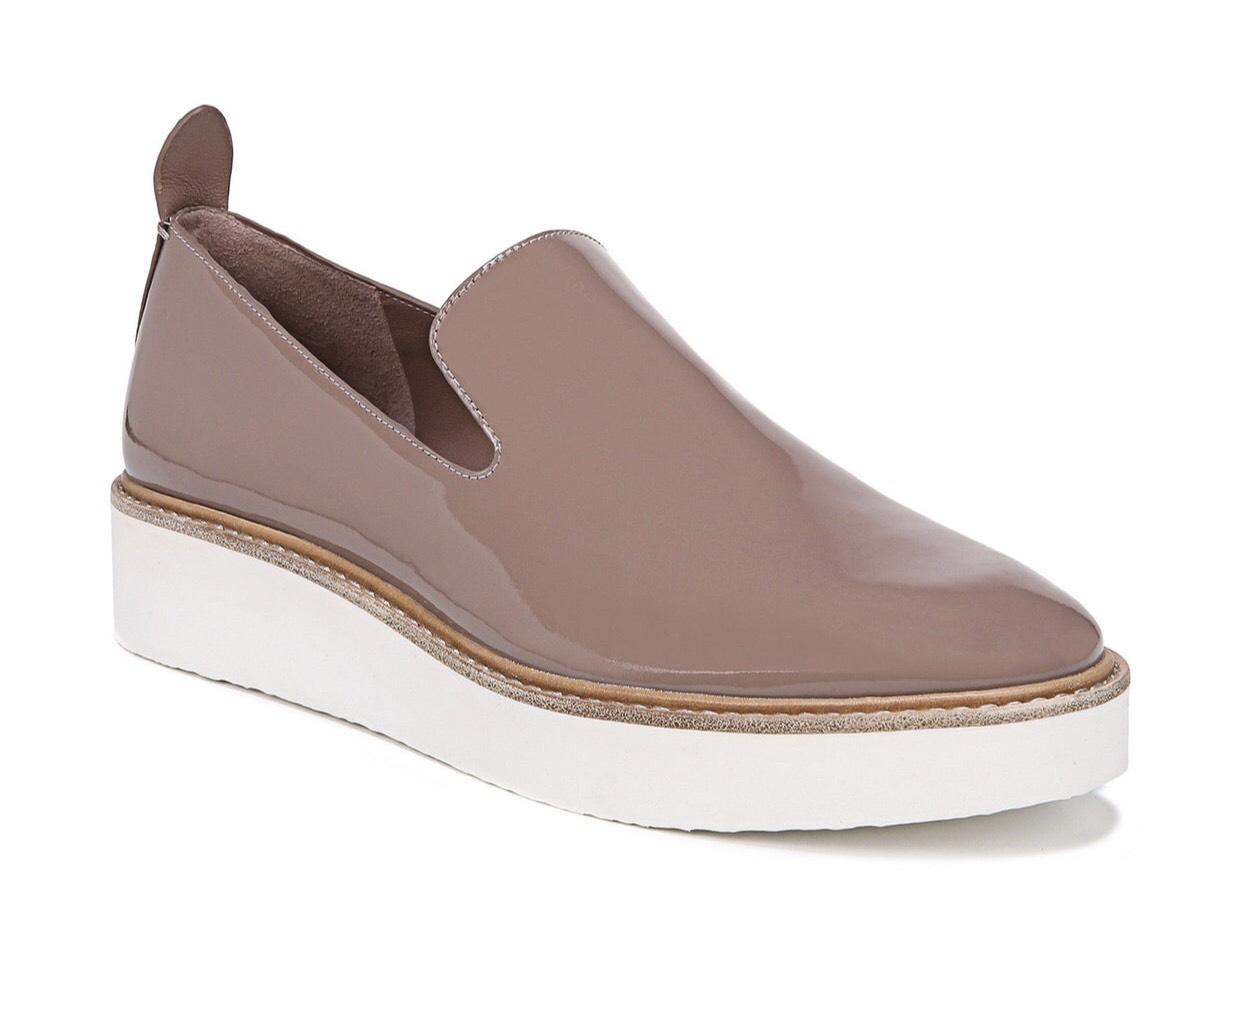 Vince 'Sanders' Slip-On Sneaker {$169.90} - After sale: $275